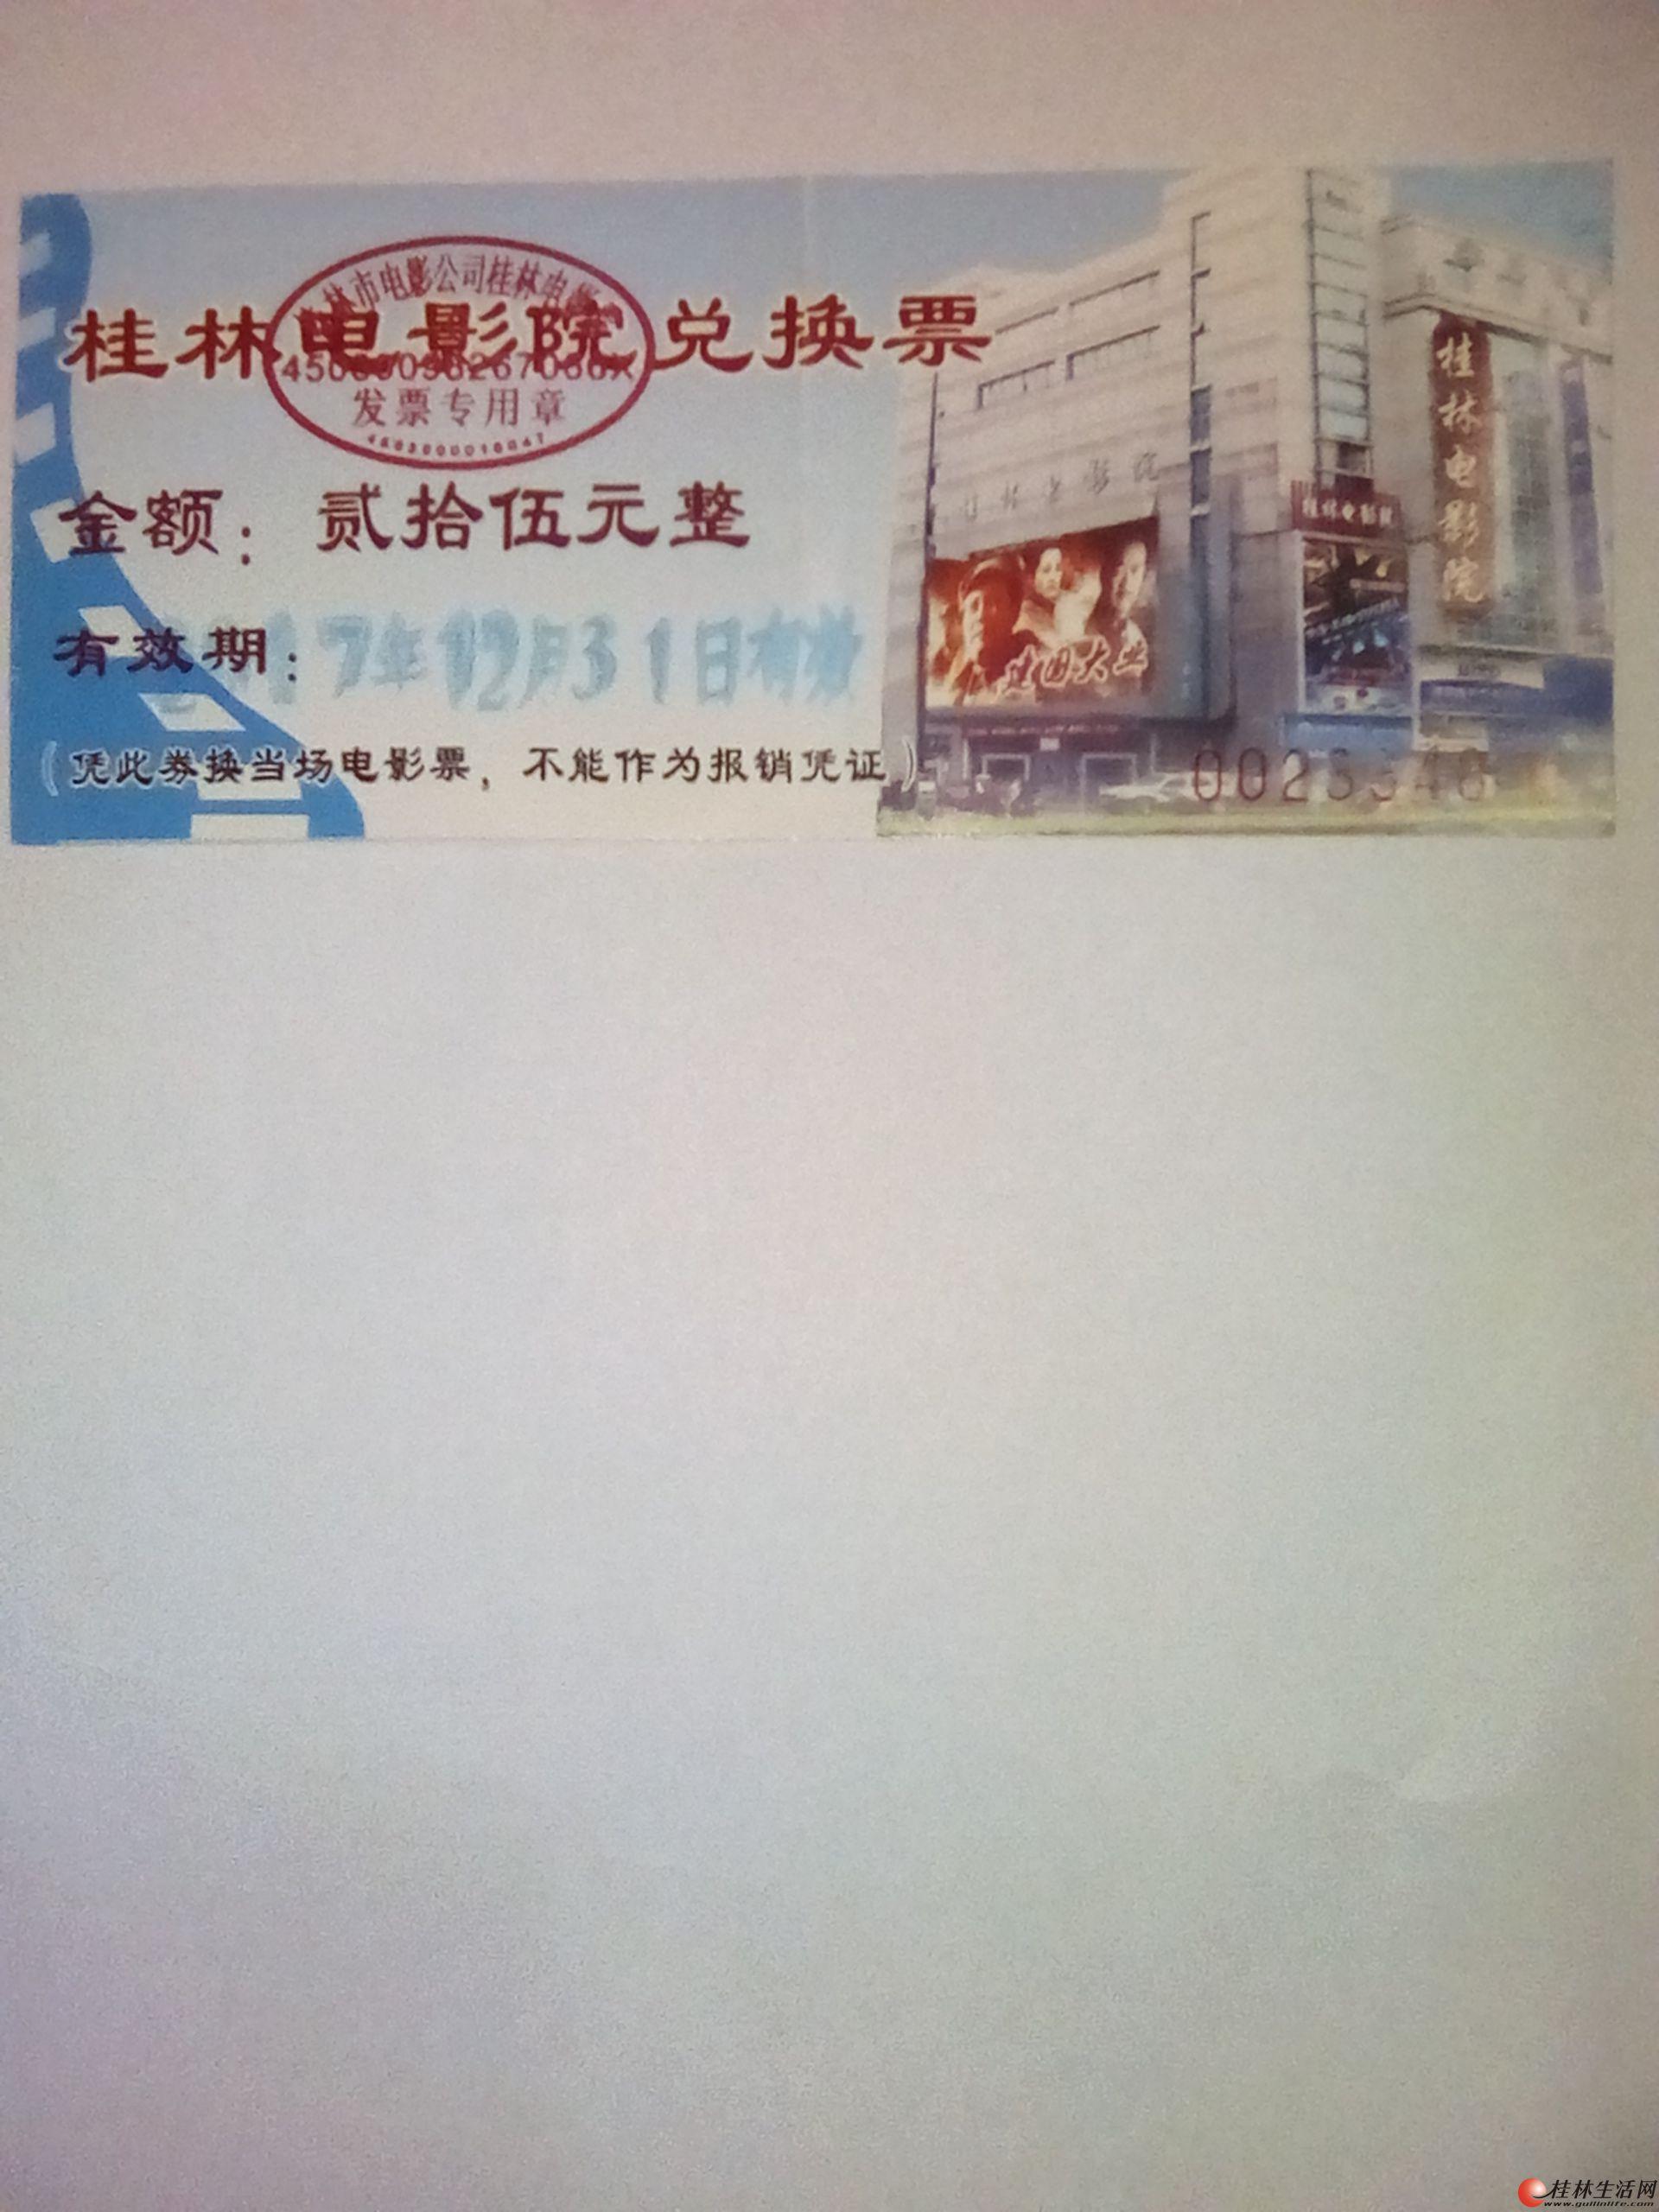 桂林电影院电影票、鑫诲国际影城电影票